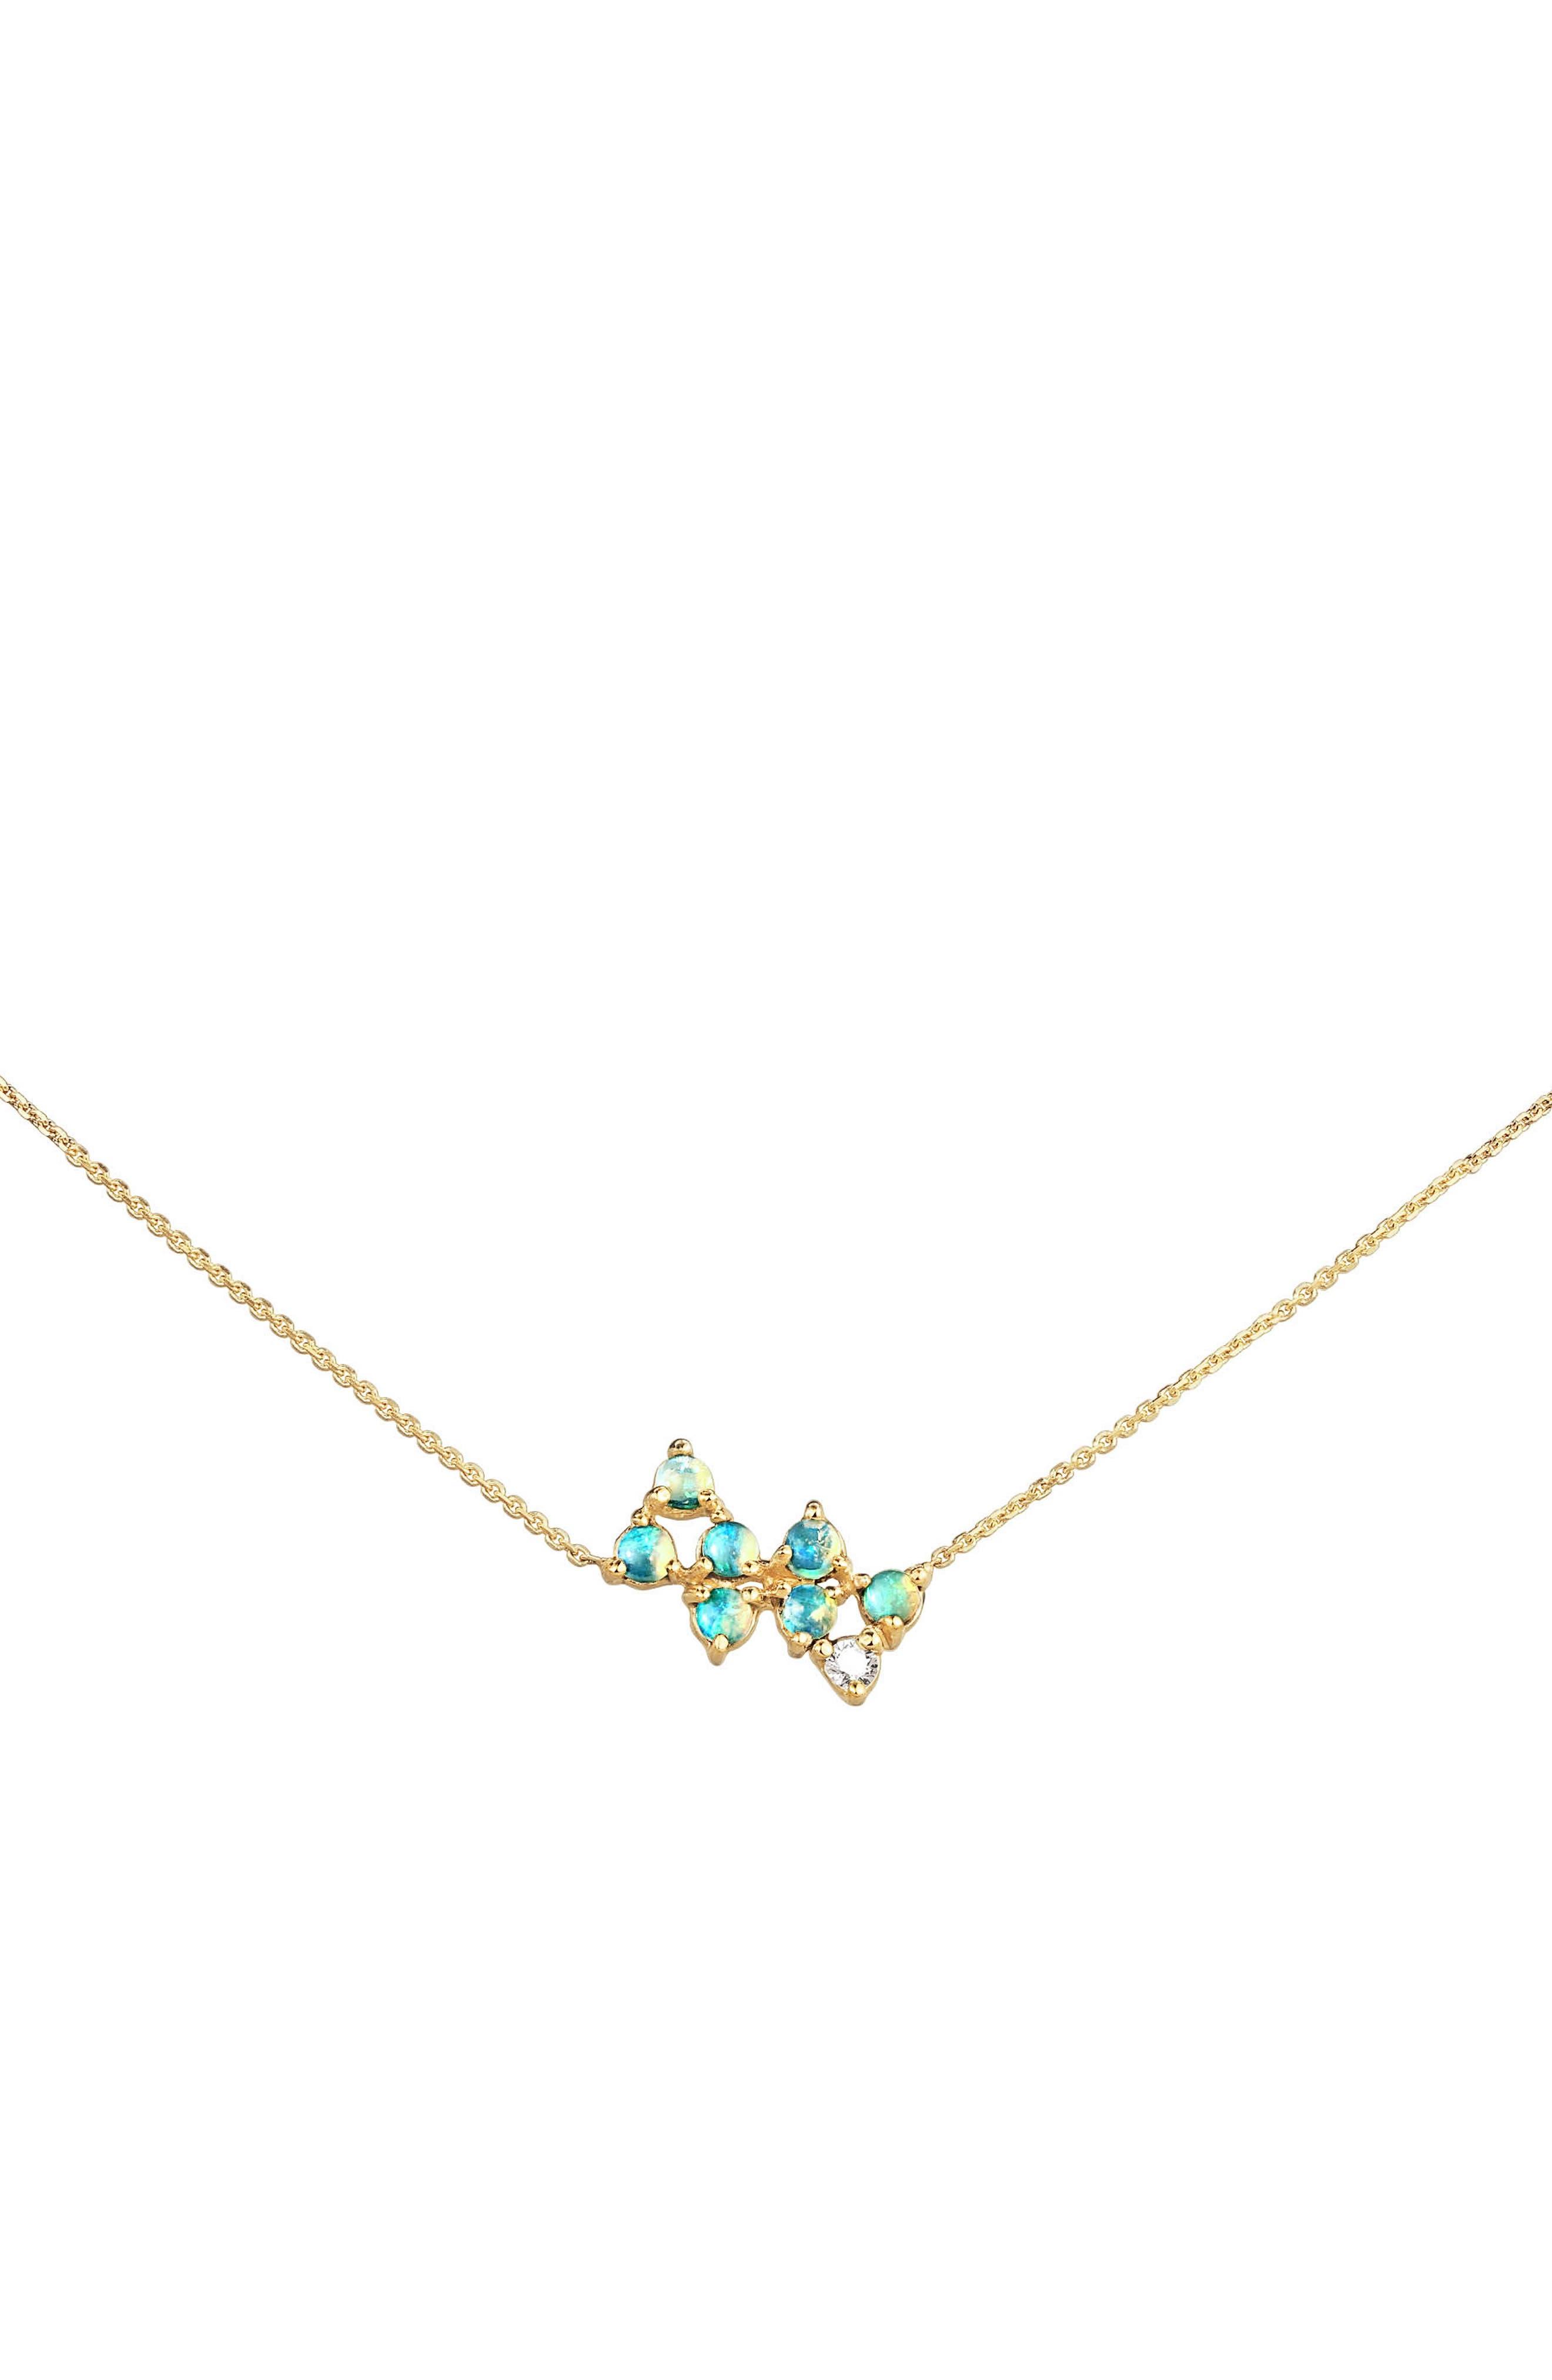 Main Image - WWAKE Opal & Diamond Bias Necklace